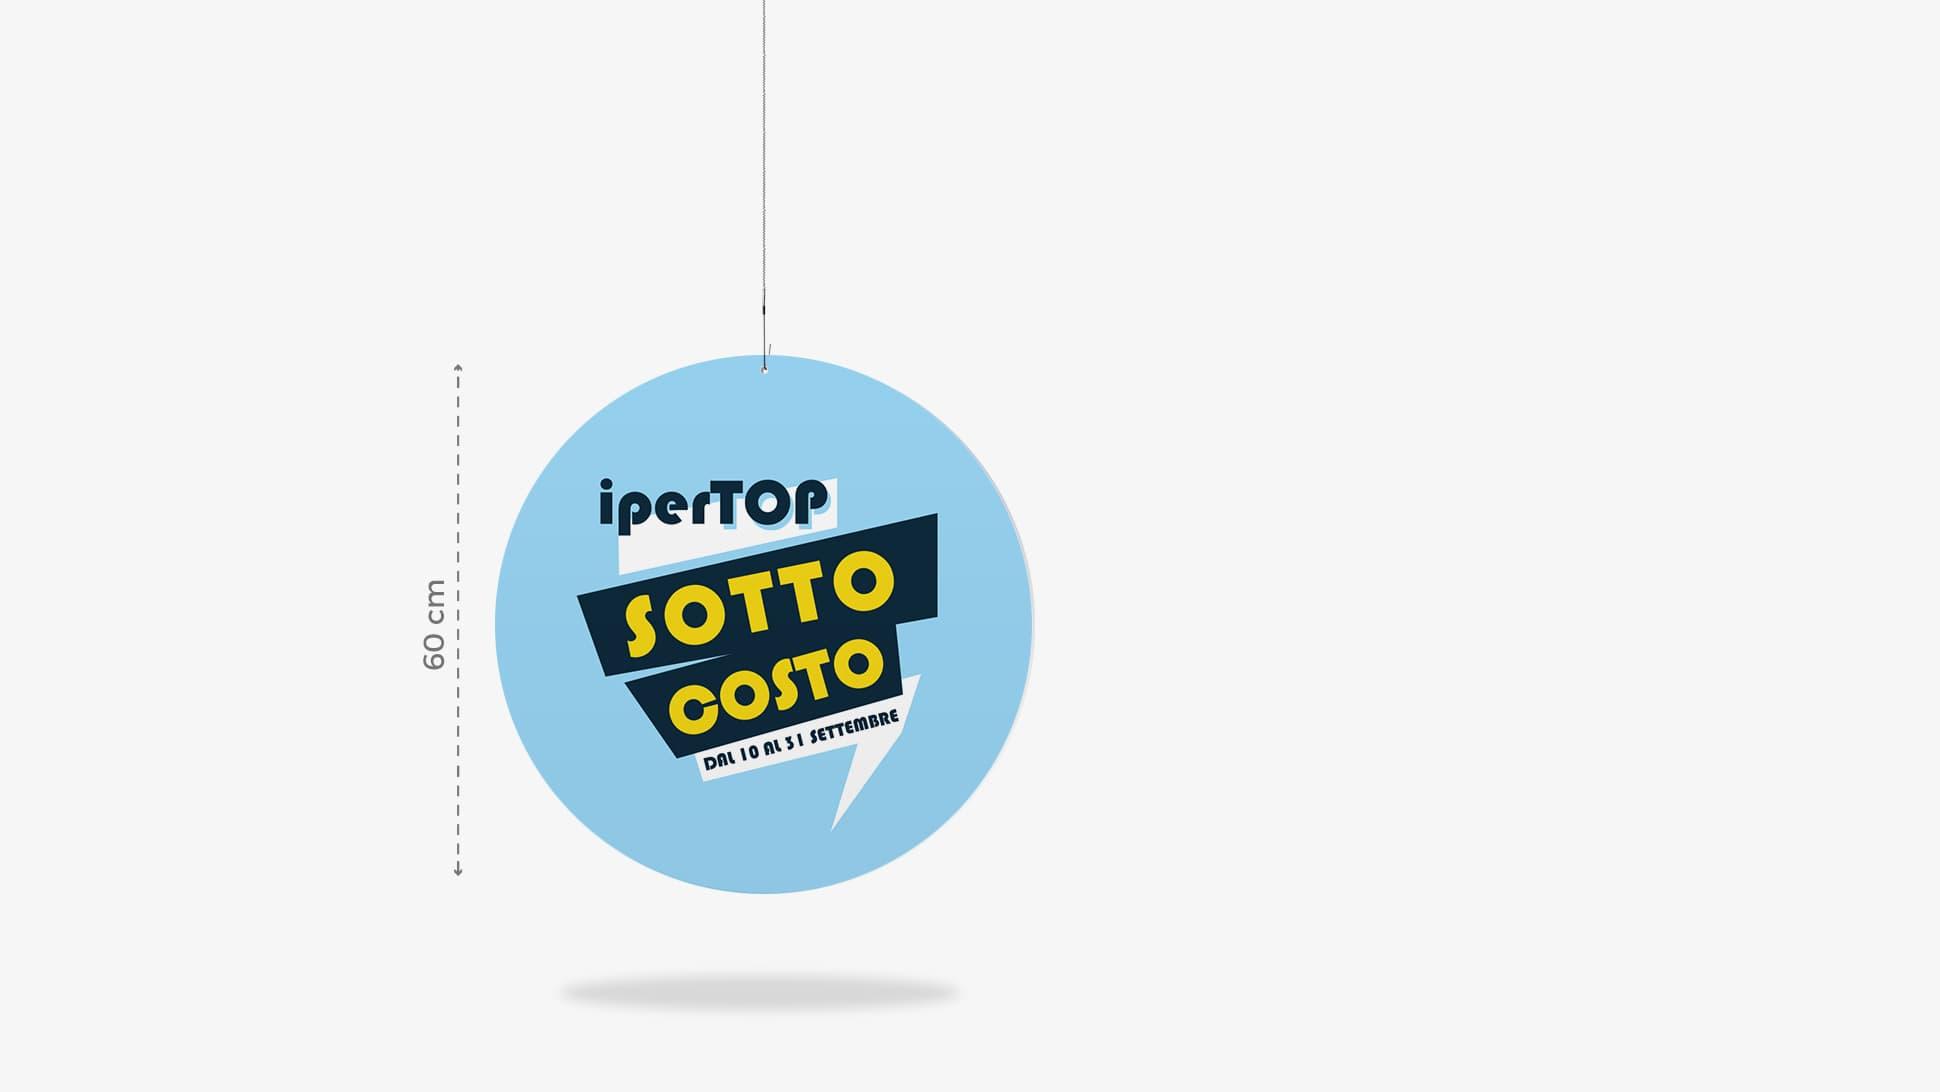 Rotair grande con grafica | tictac.it